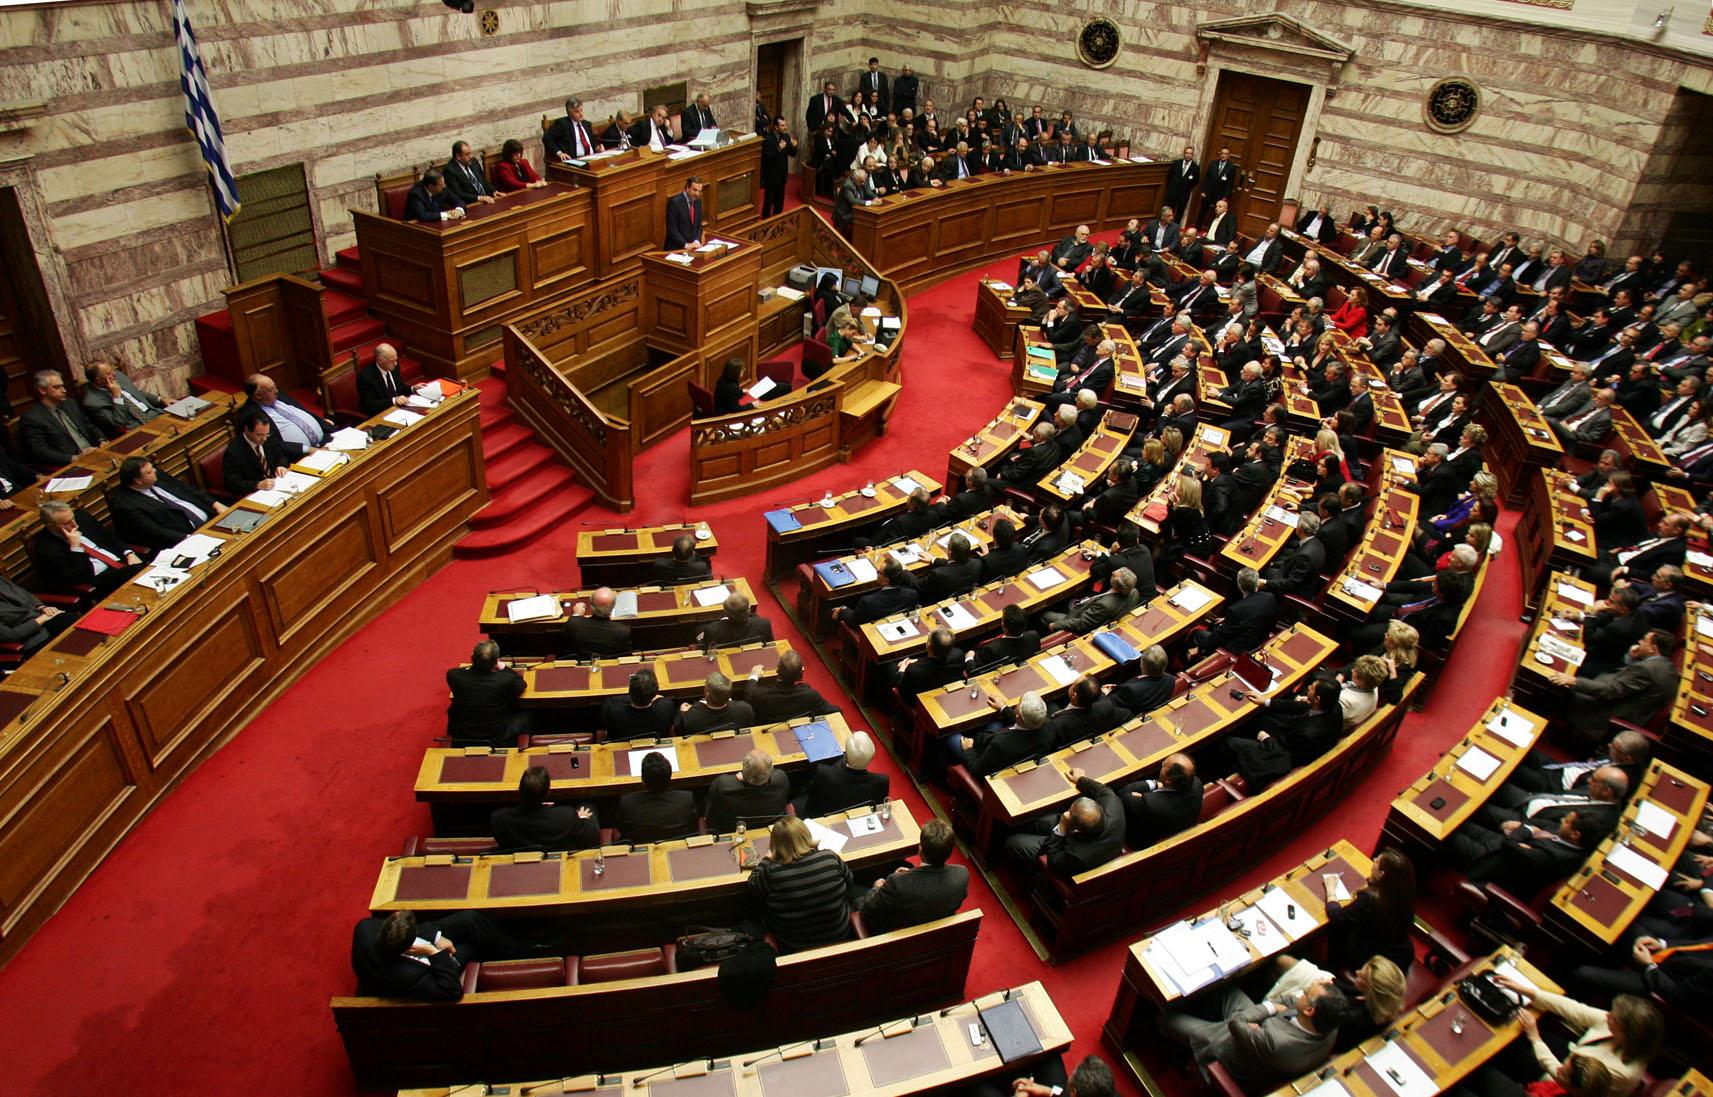 Έναρξη της συζήτησης του προϋπολογισμού 2018 στη Βουλή